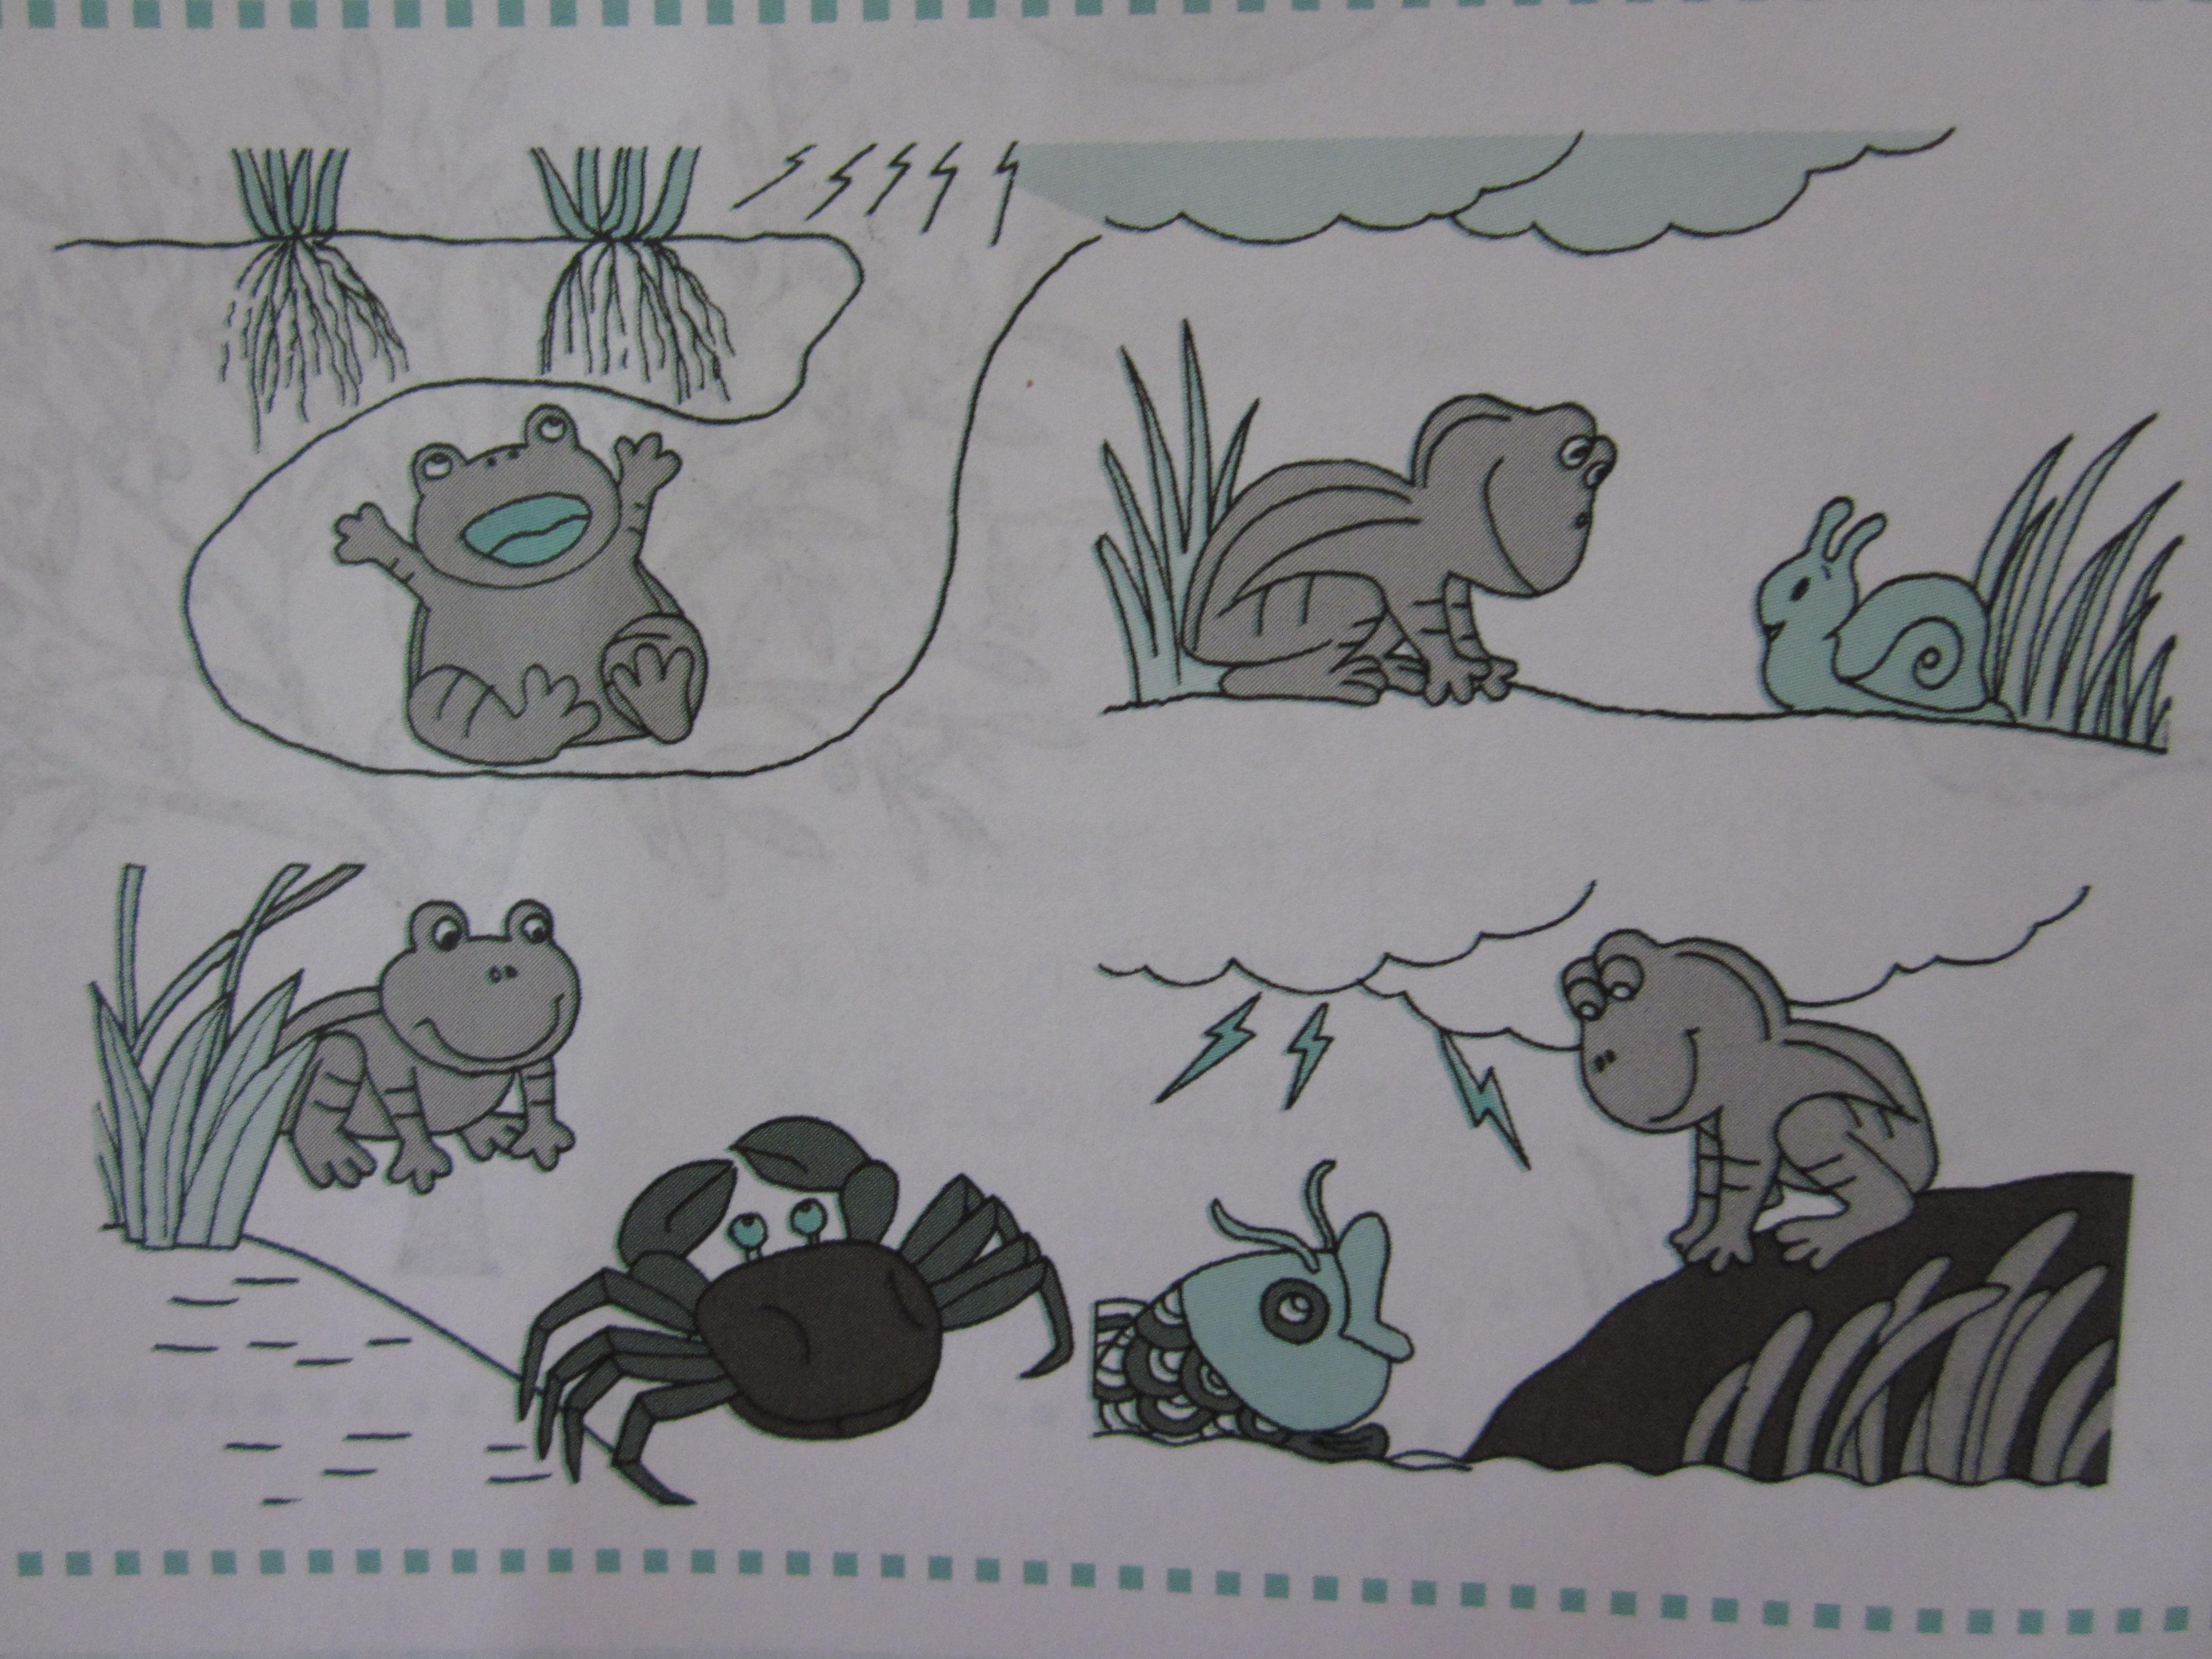 青蛙冬眠图片-信息详细 市光一村幼稚园